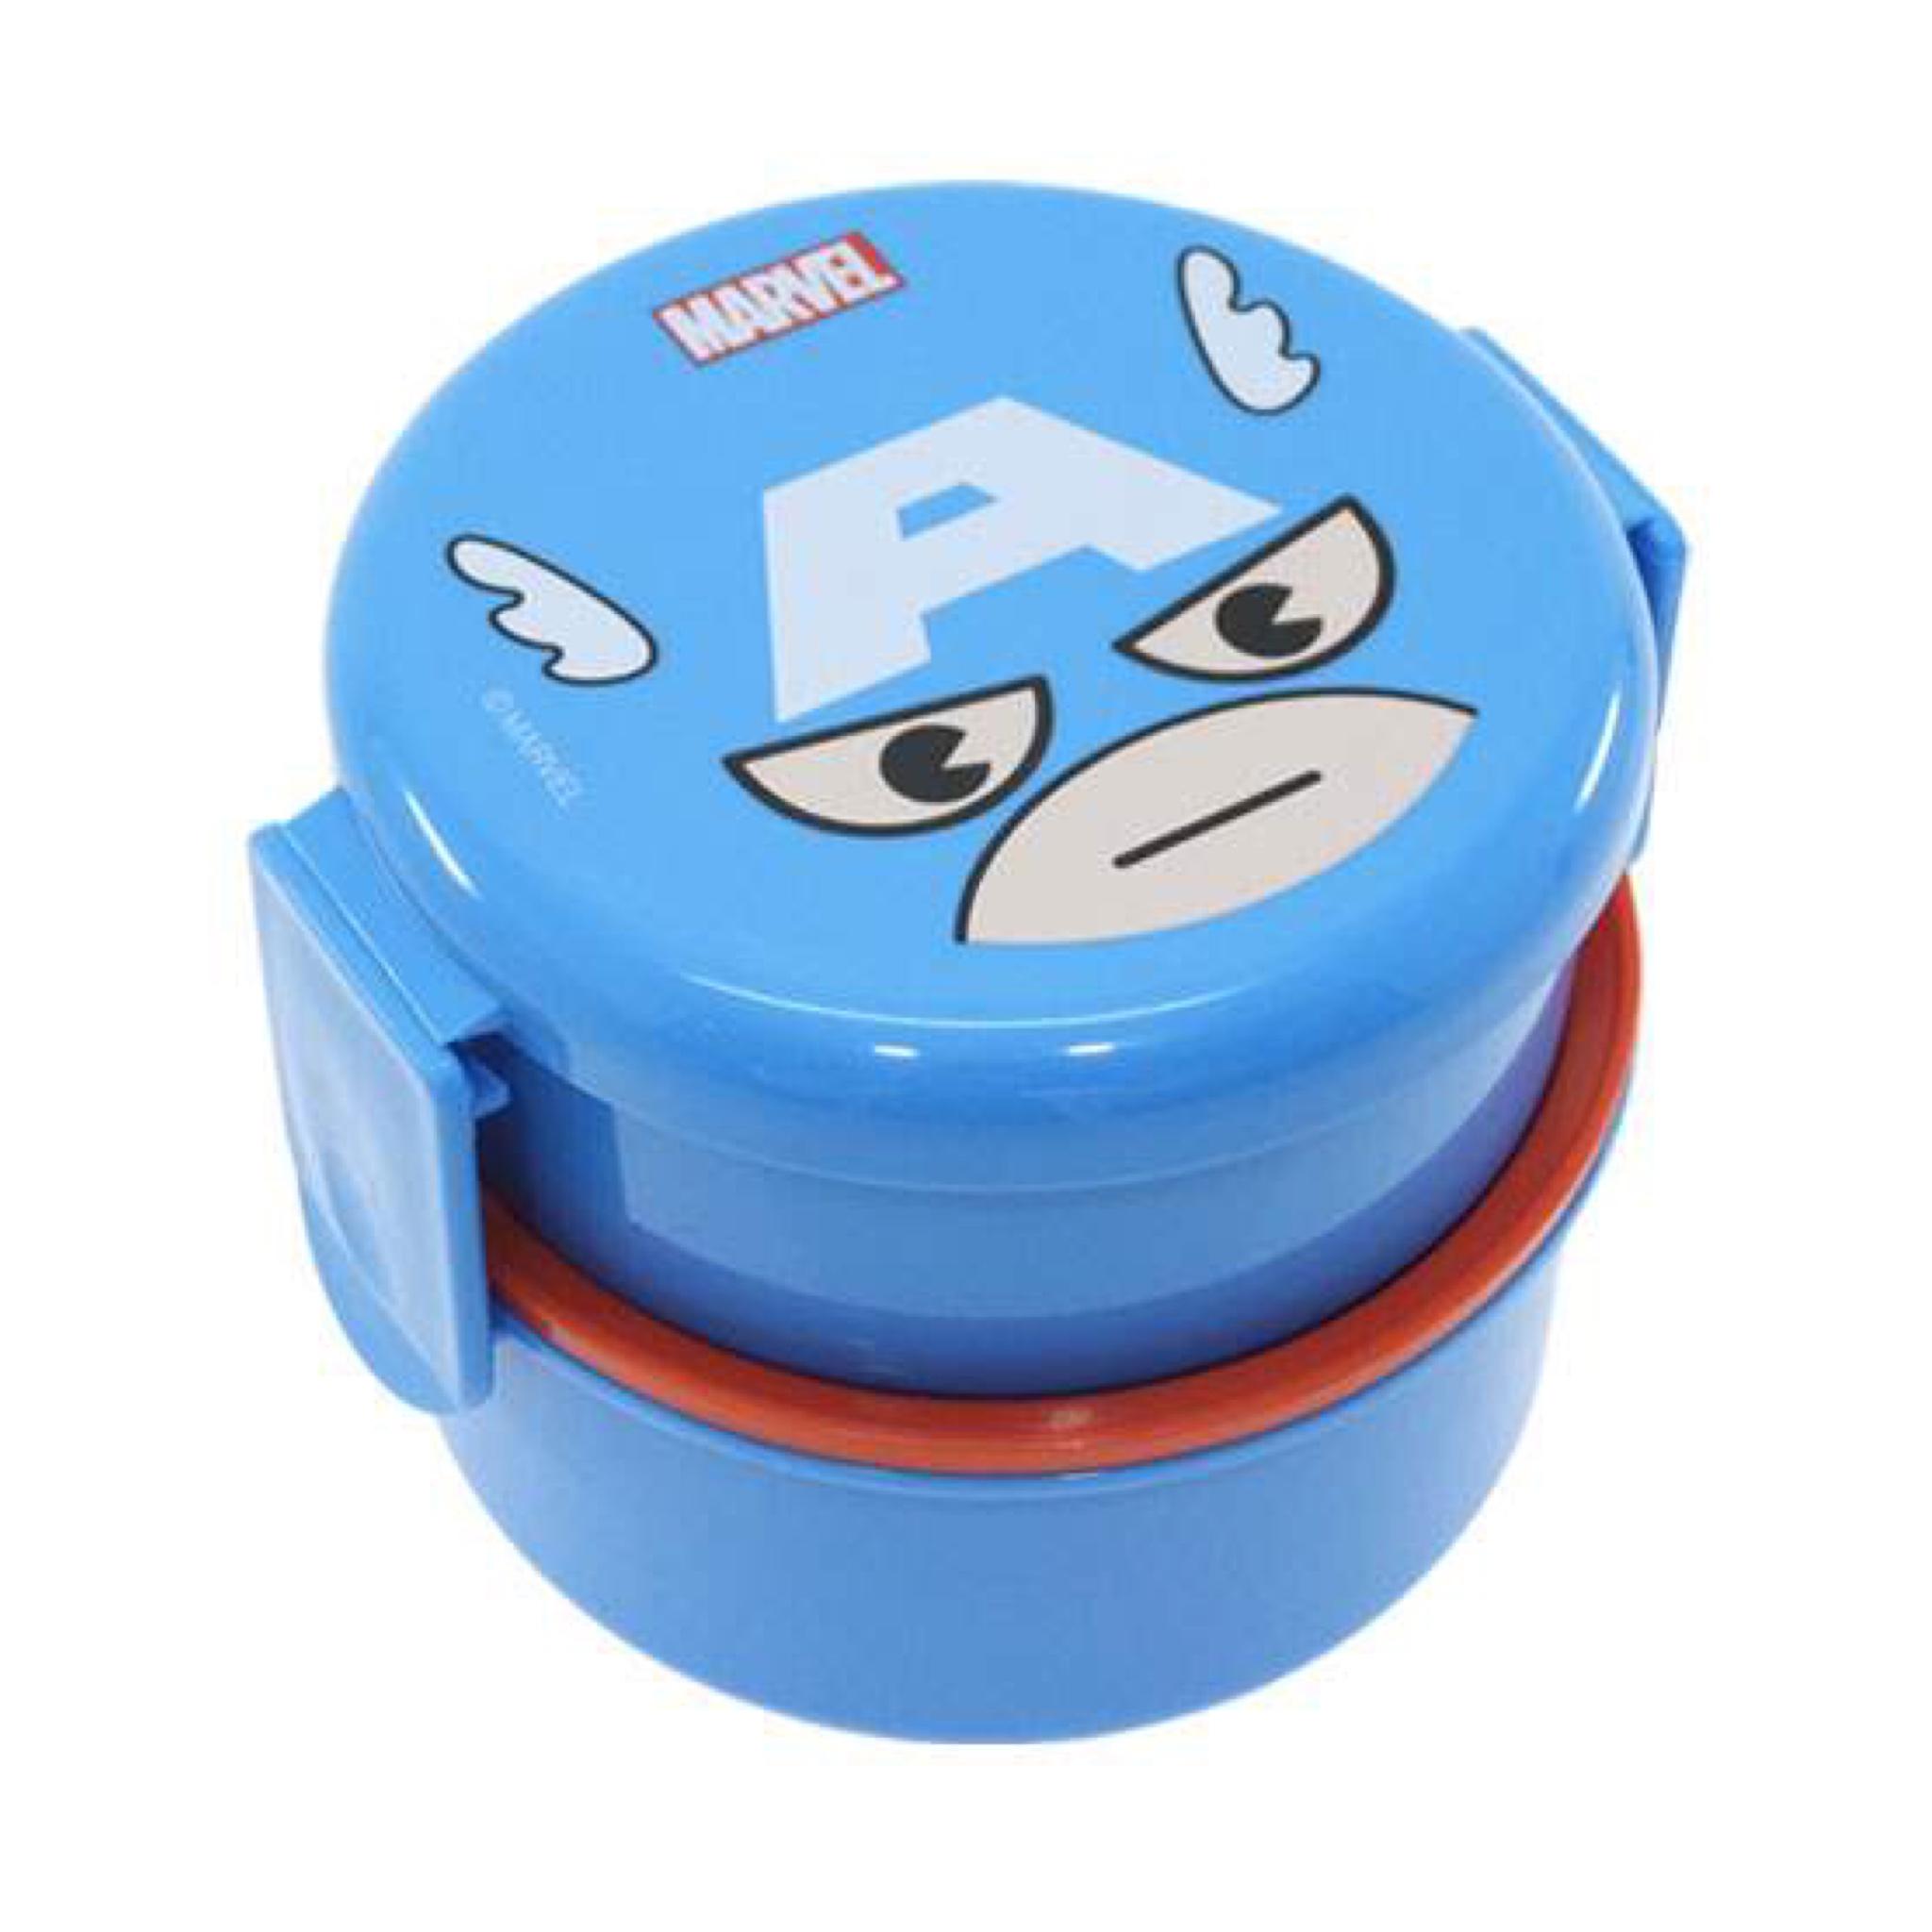 กล่องอาหารกลางวันและของว่าง Skater 2-Level Bento Lunch Box with Fork (Captain America)